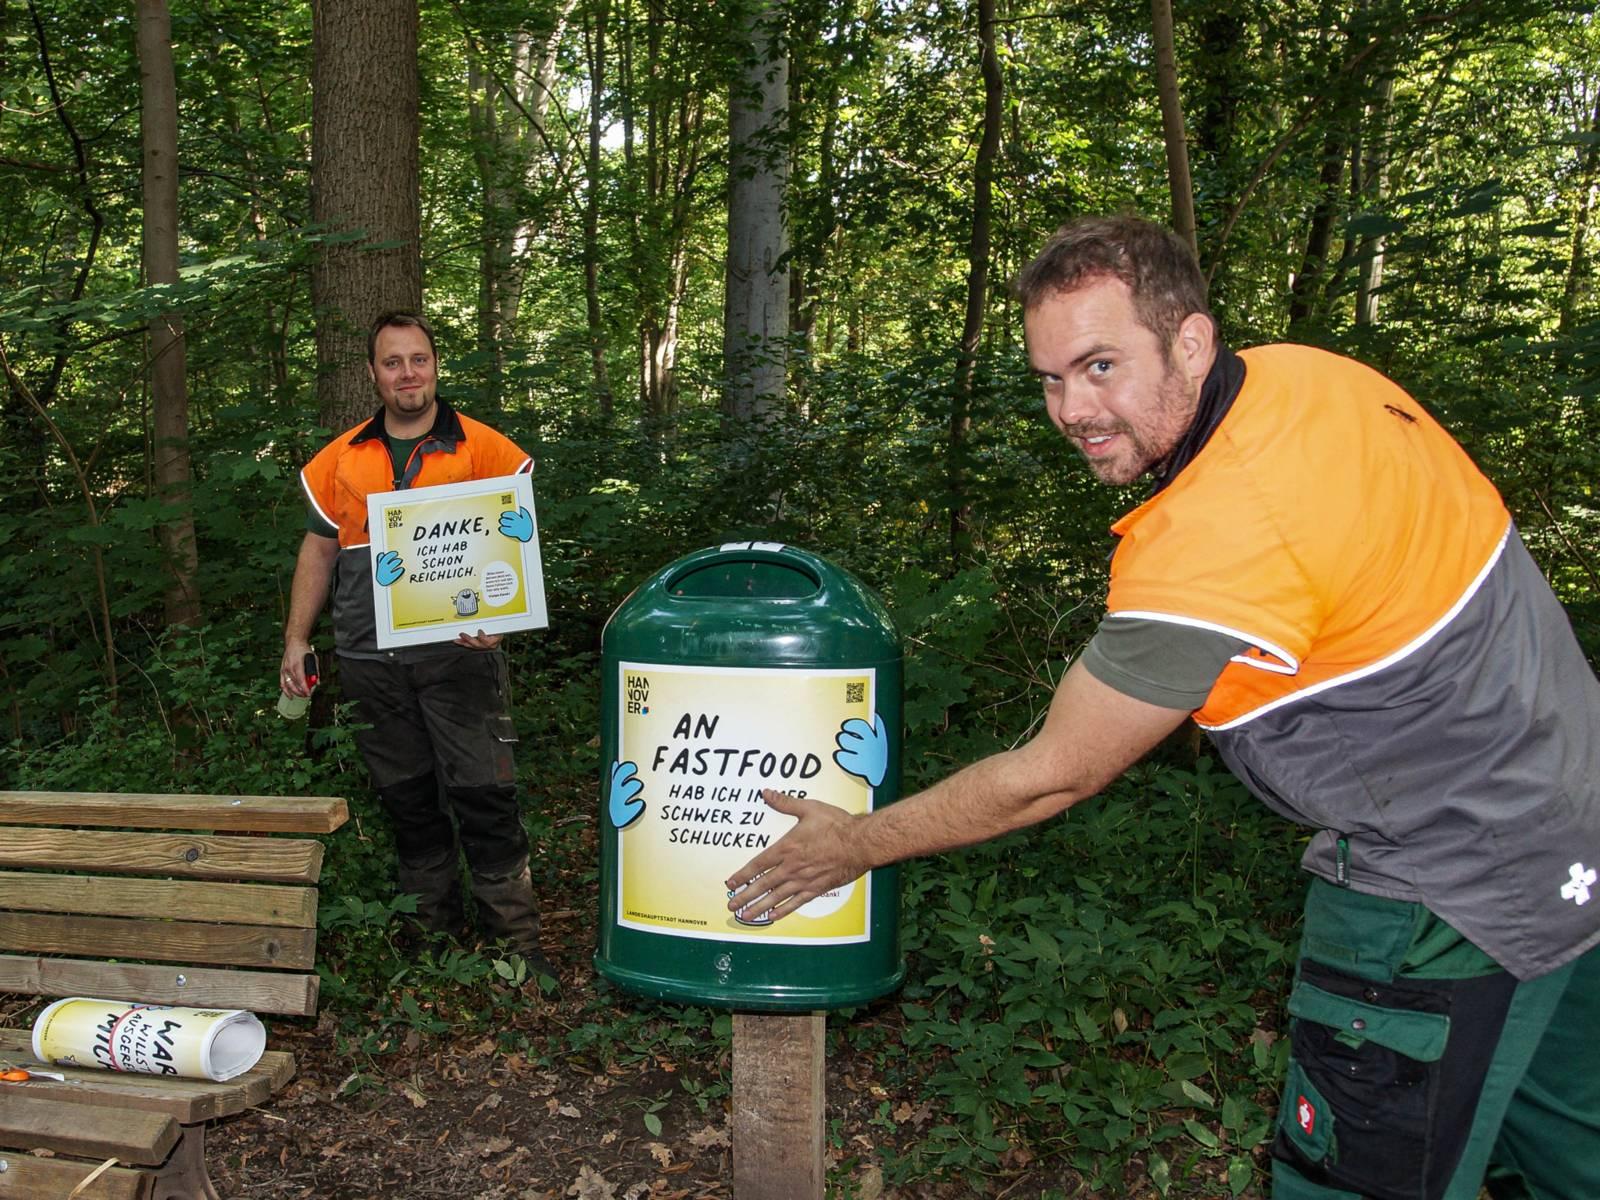 Zwei Männer, die einen Aufkleber an einem Mülleimer im Wald anbringen.